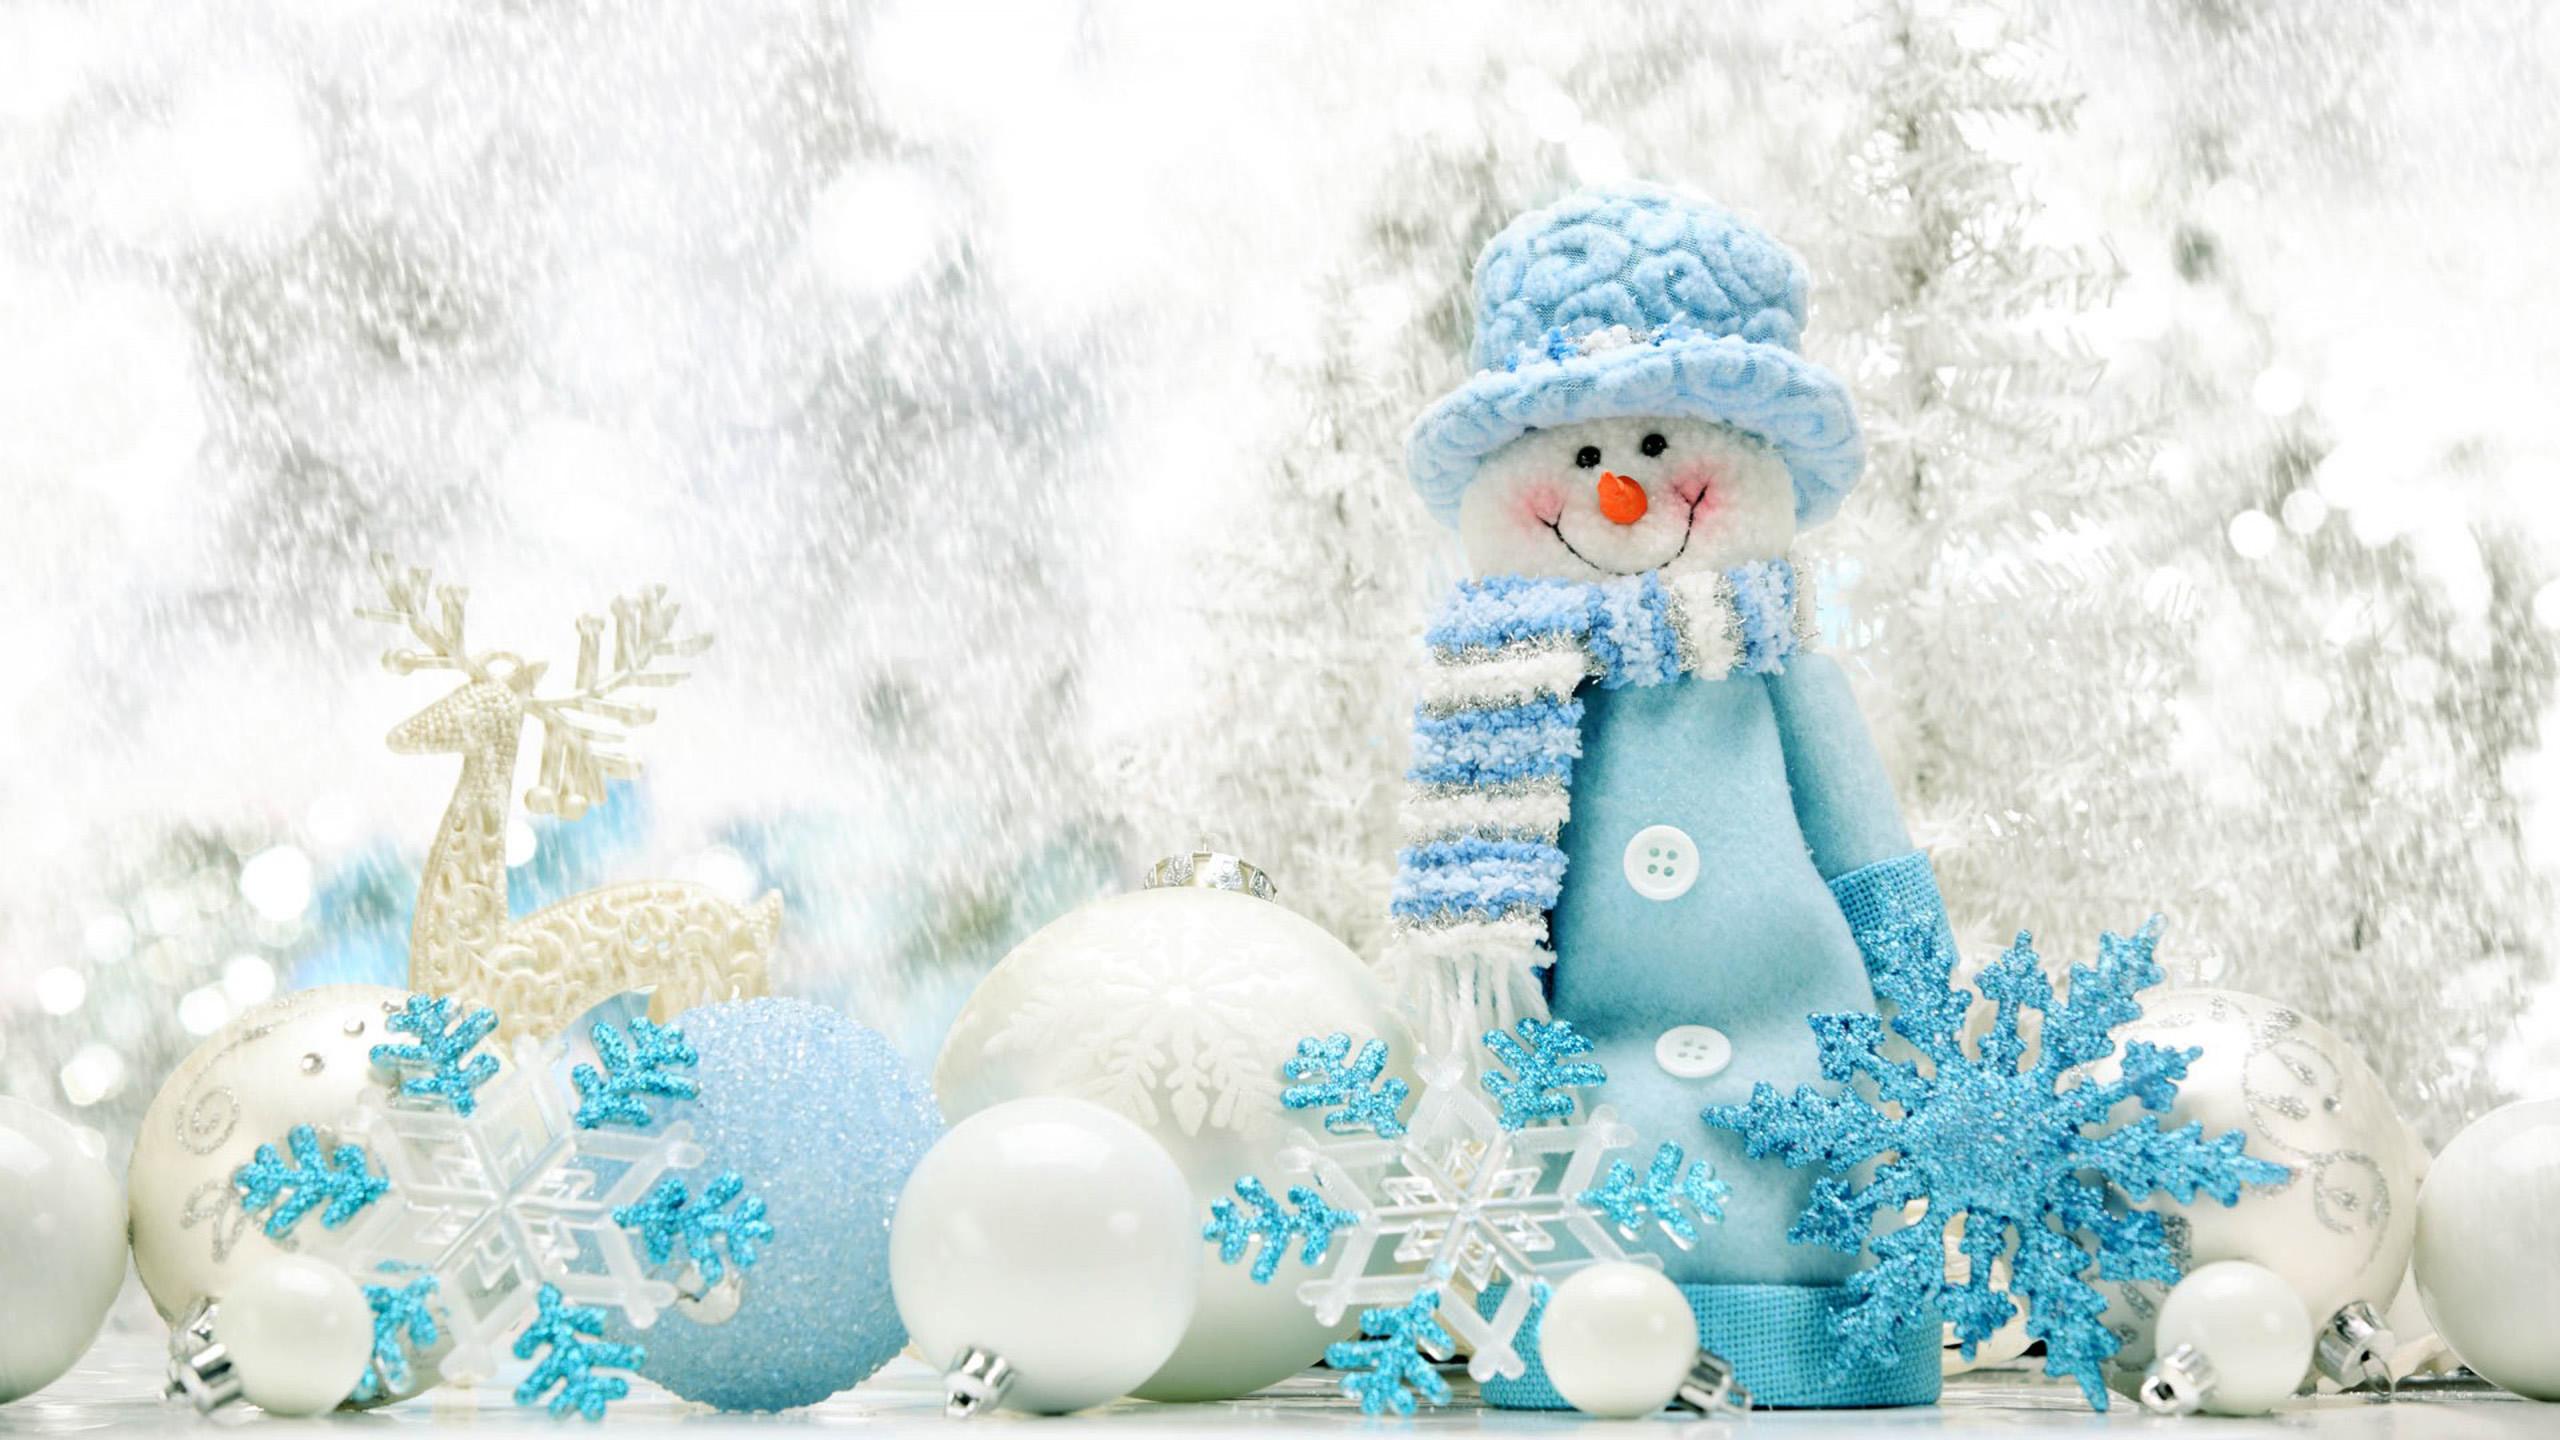 Cute snowman Wallpapers HD HD Desktop Wallpapers 2560x1440